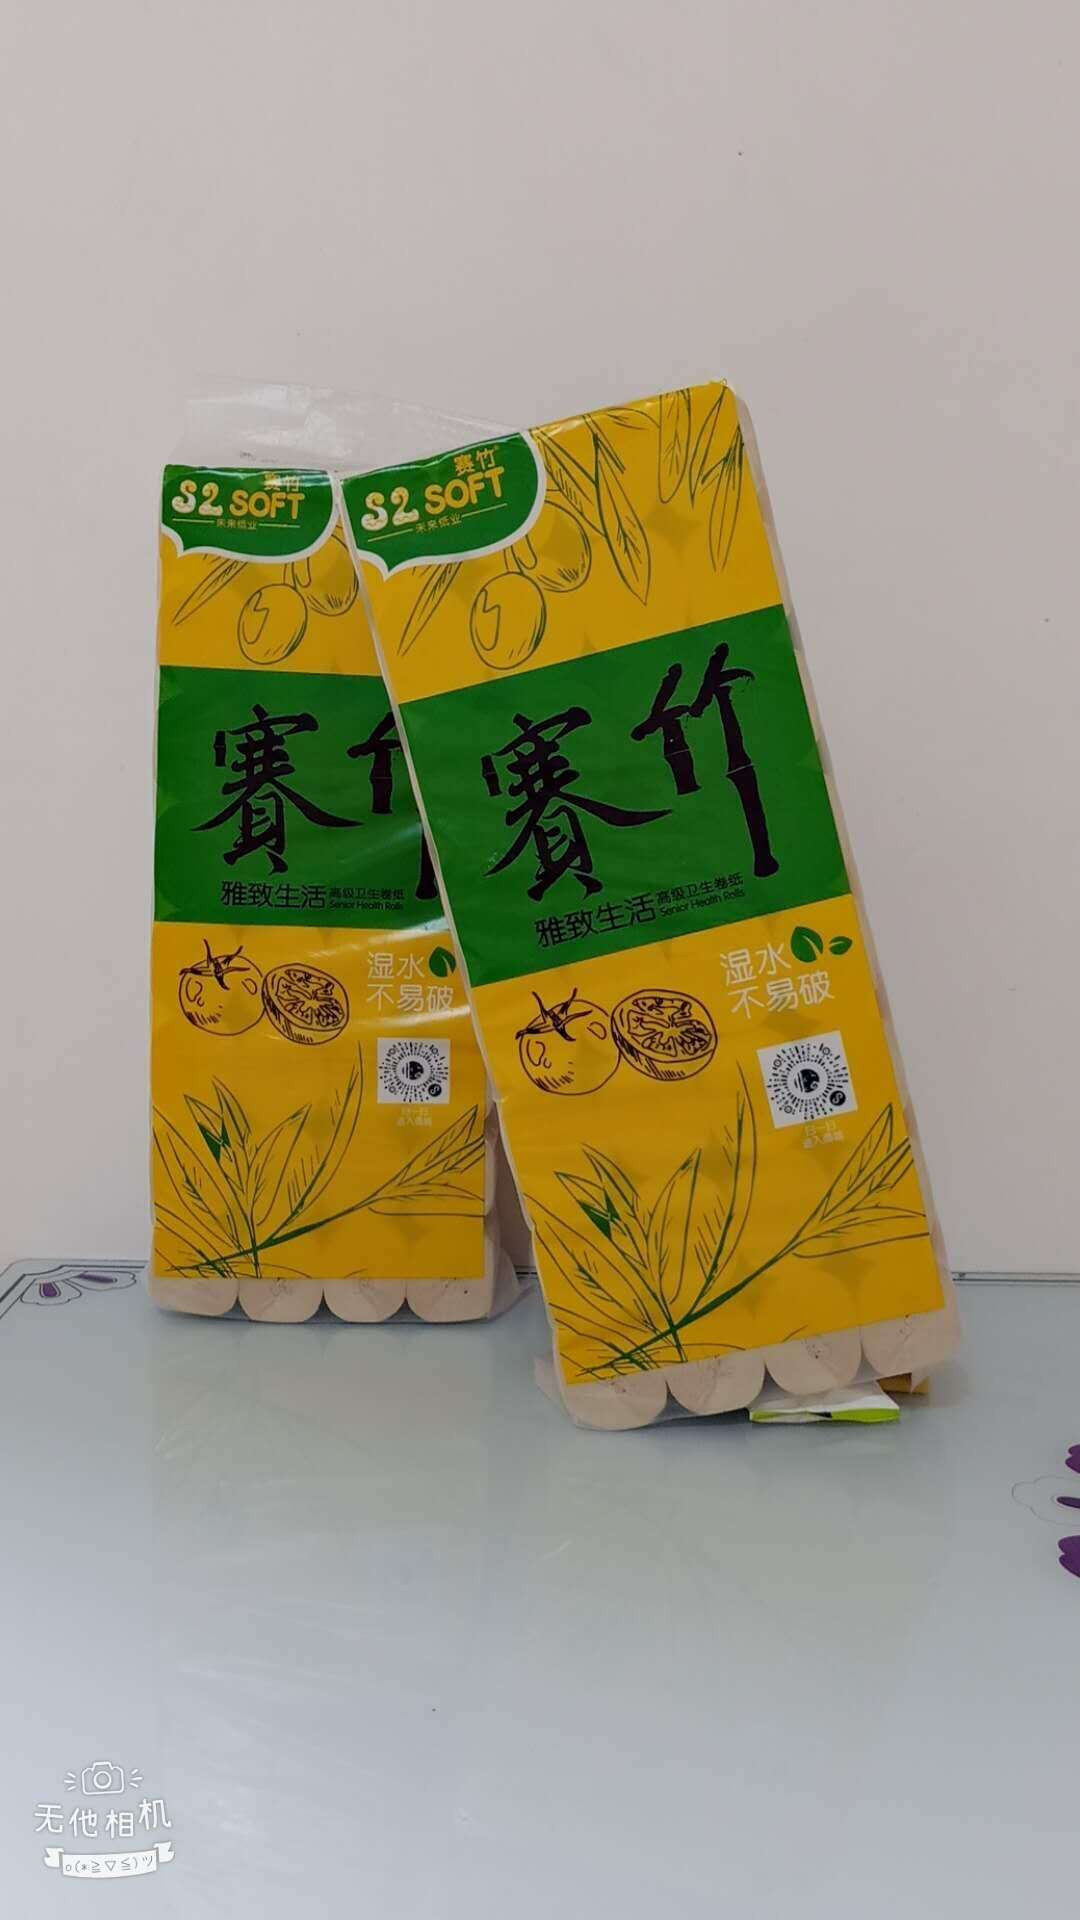 濮阳地区实用的卫生纸   ,甘肃新型卫生用品